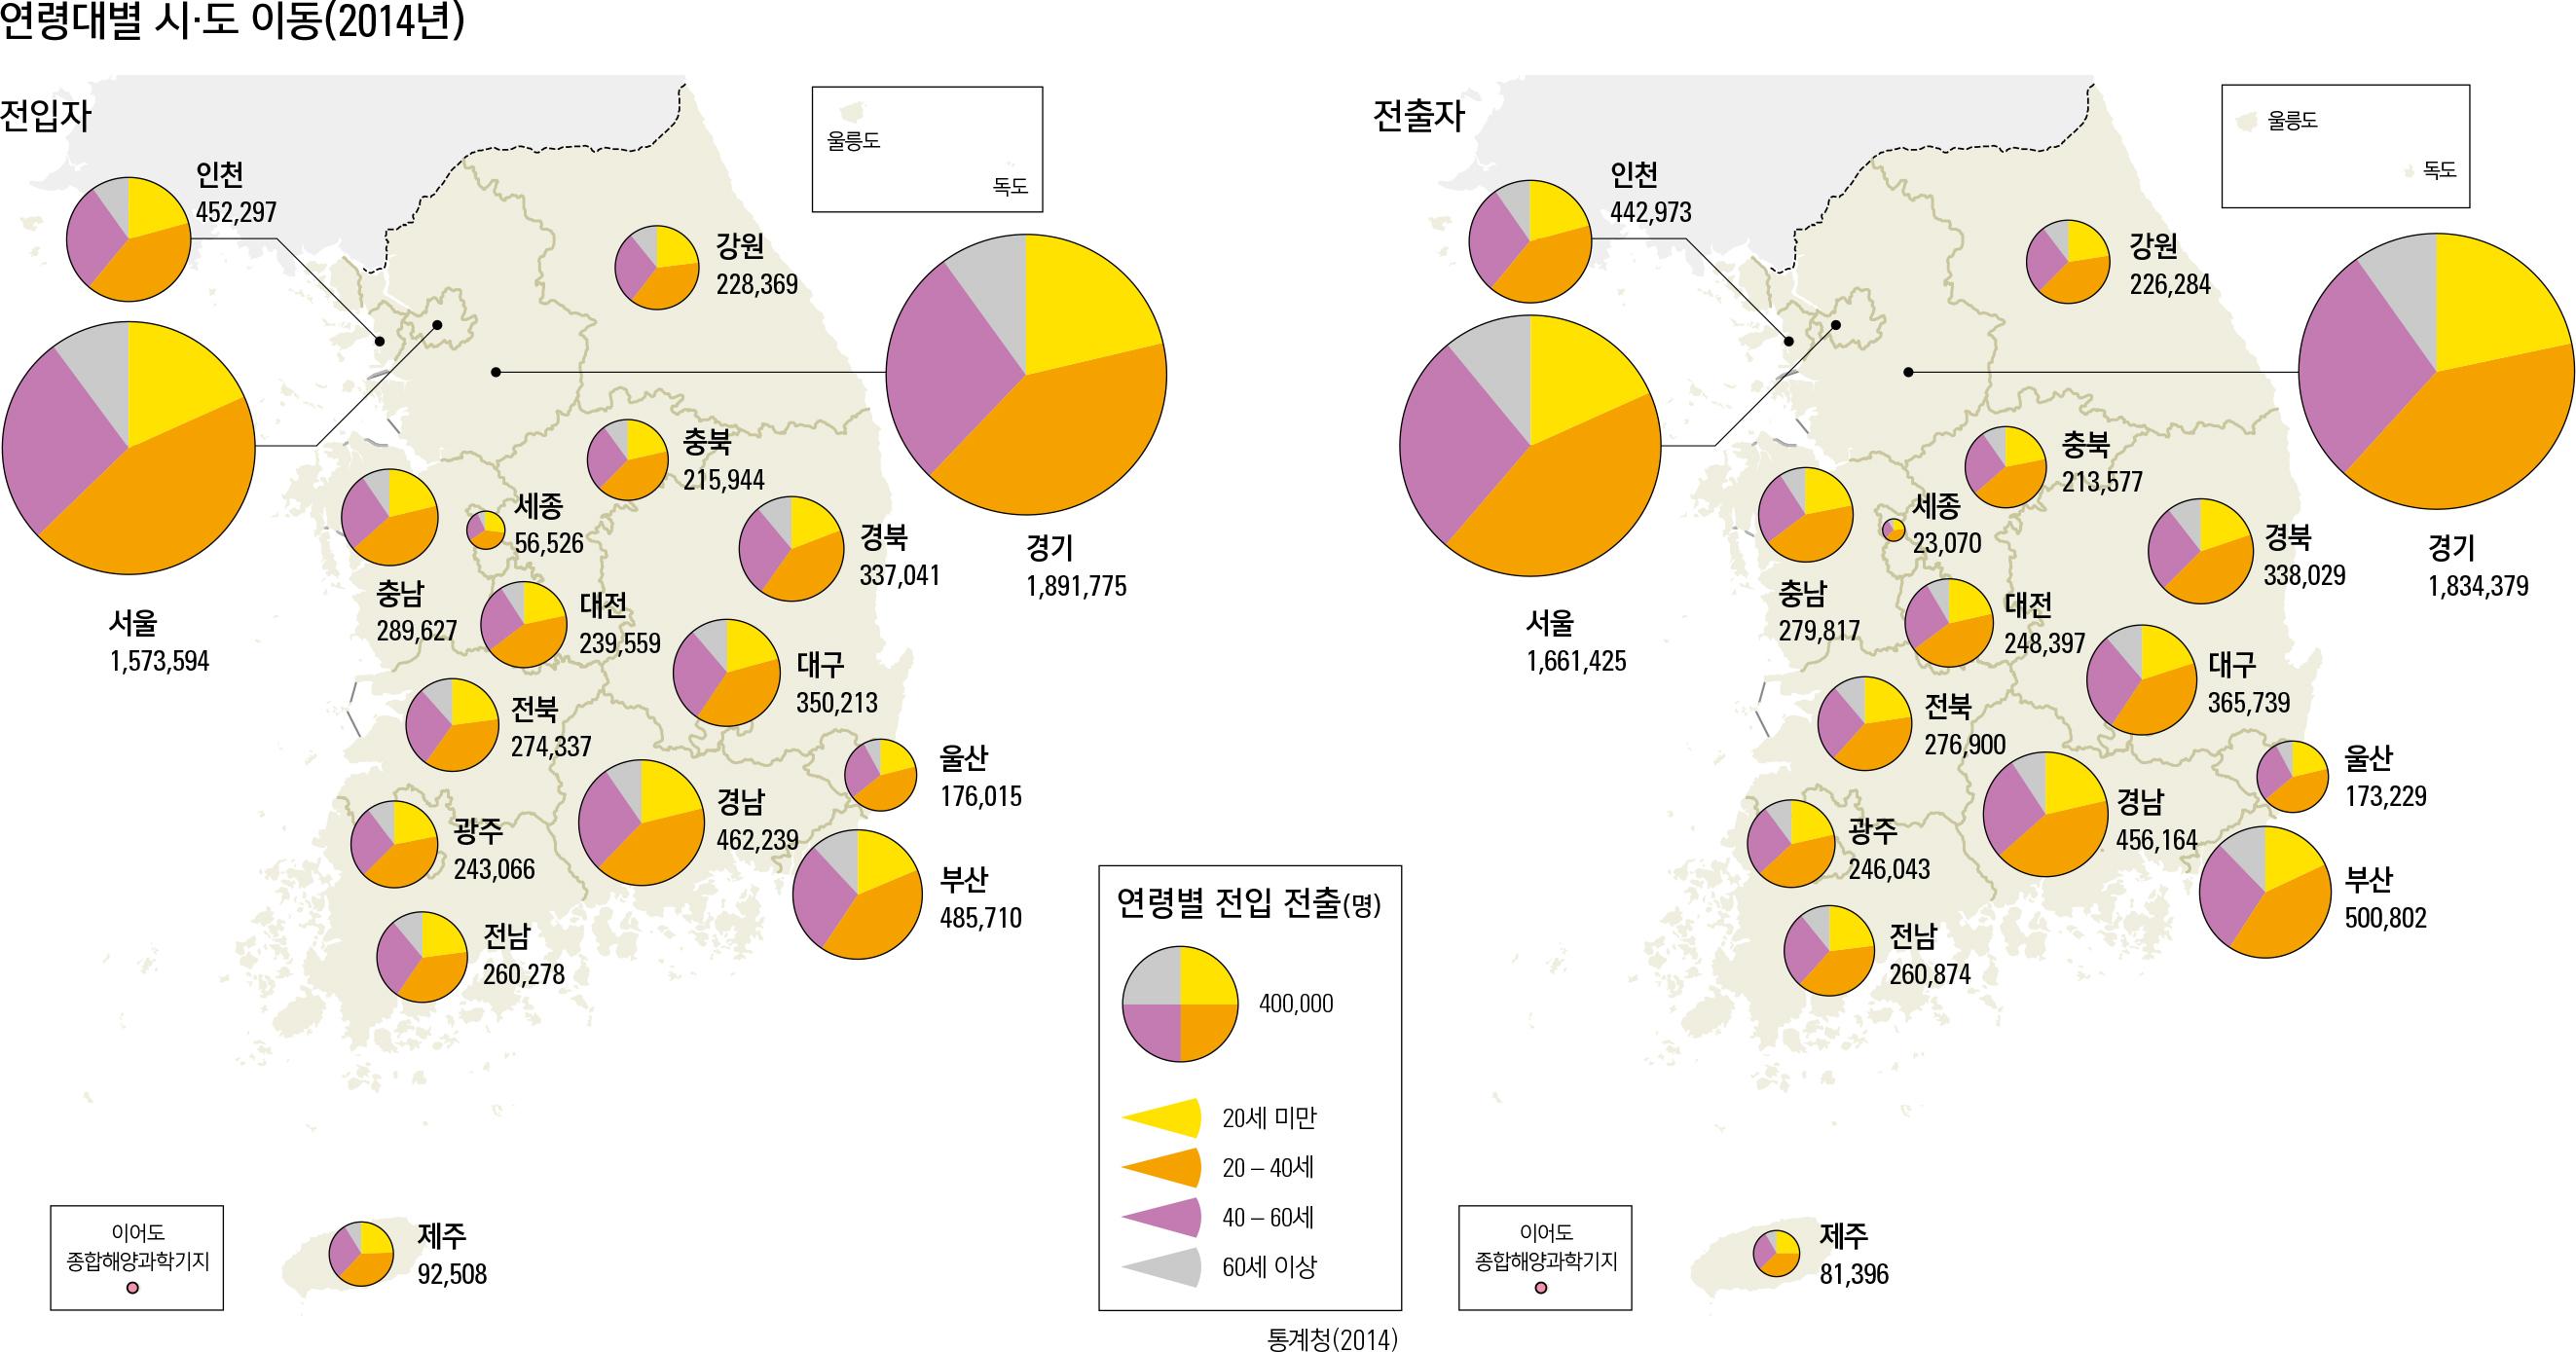 연령대별 시·도 이동(2014년)